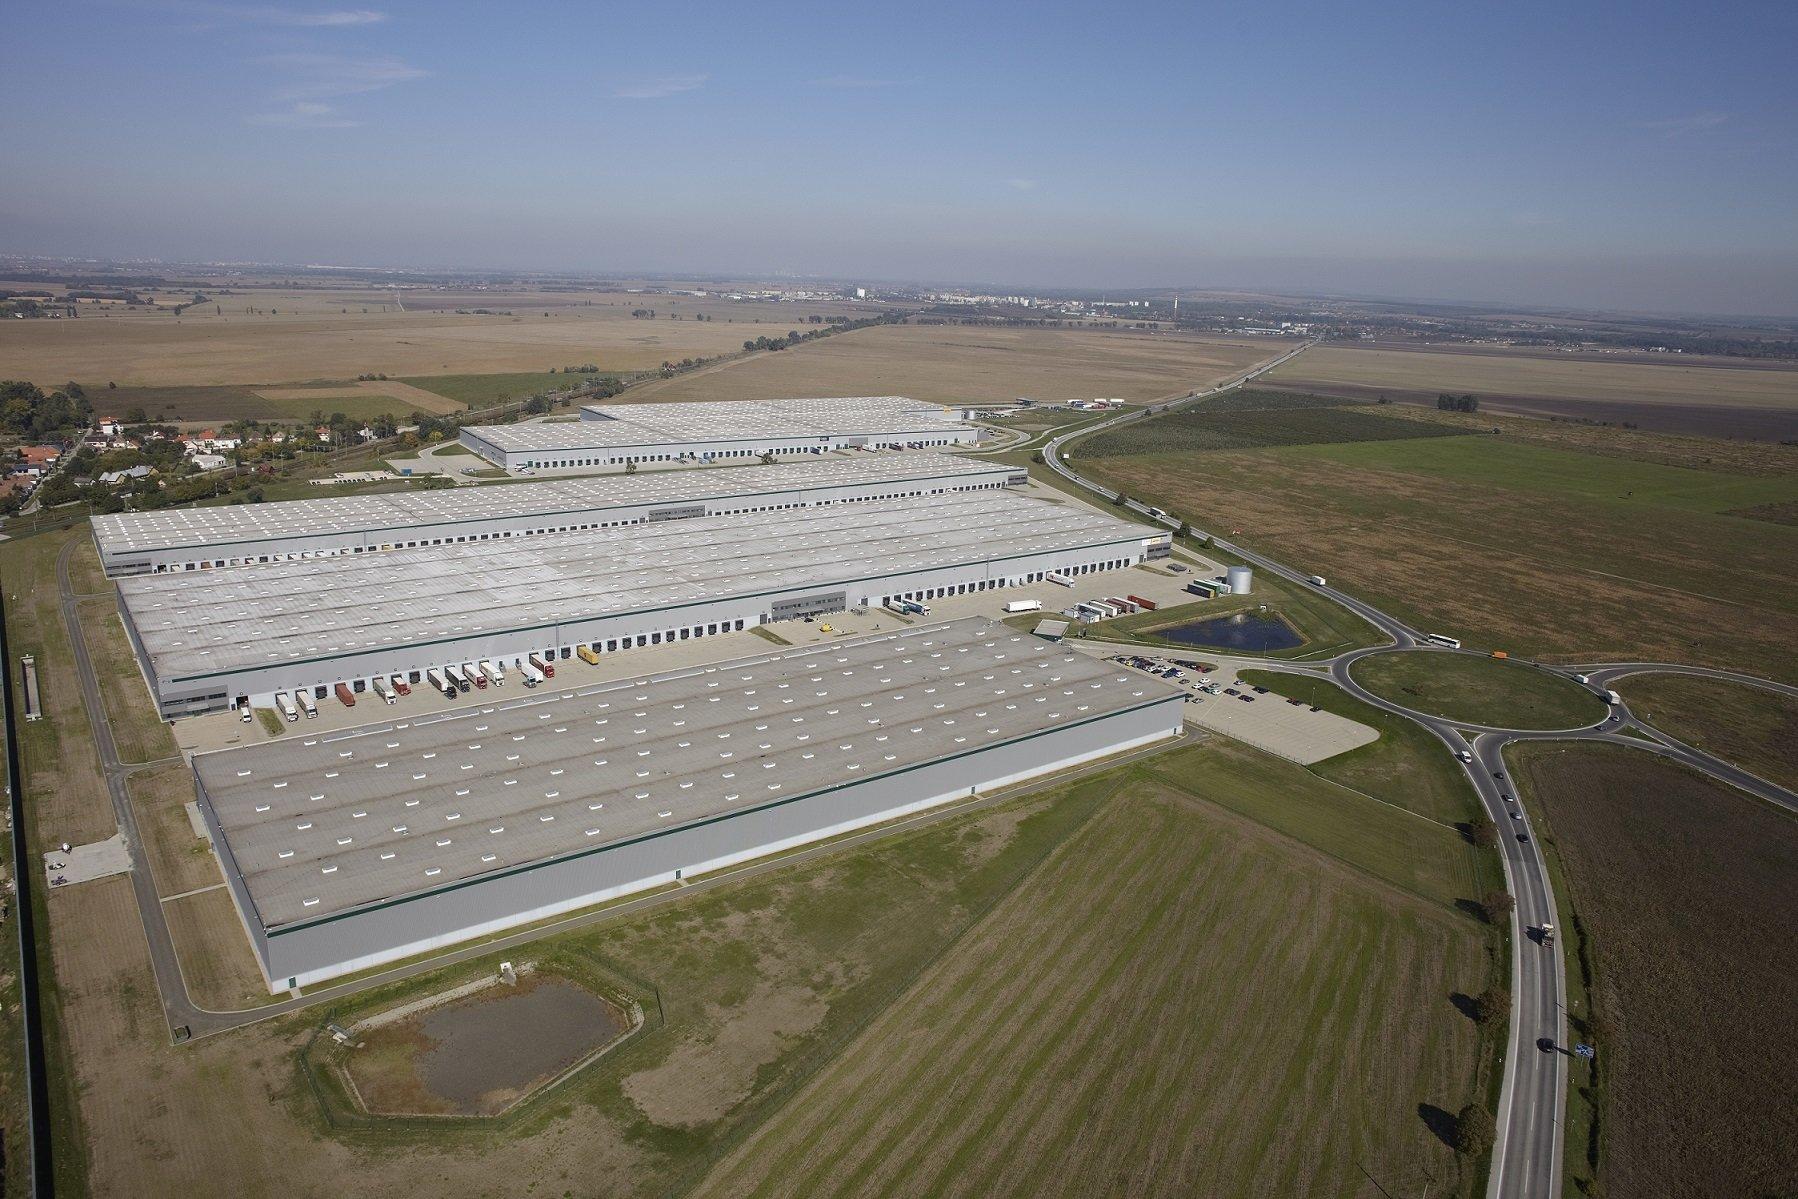 Tesco wynajmuje 146 500 metrów kwadratowych w Prologis Park Galanta – Gáň na Słowacji